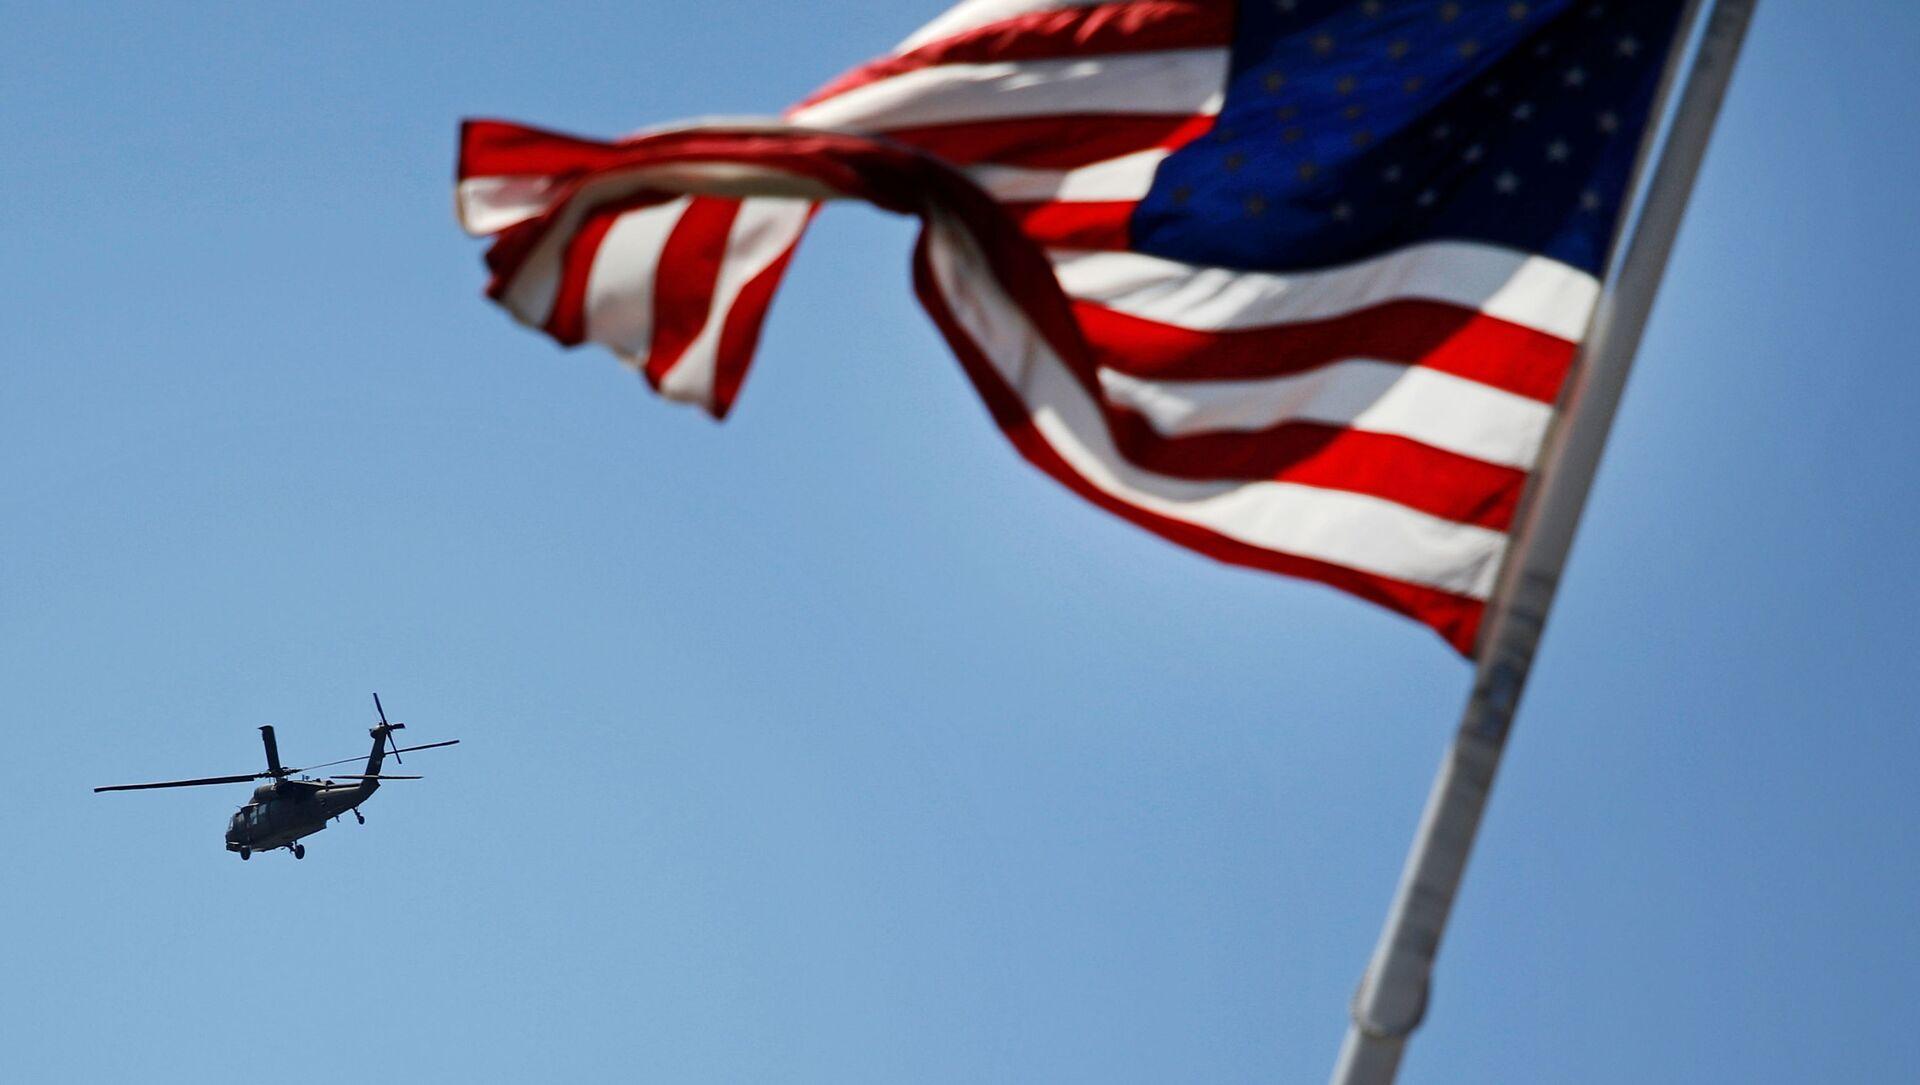 Elicottero americano e bandiera USA - Sputnik Italia, 1920, 06.04.2021